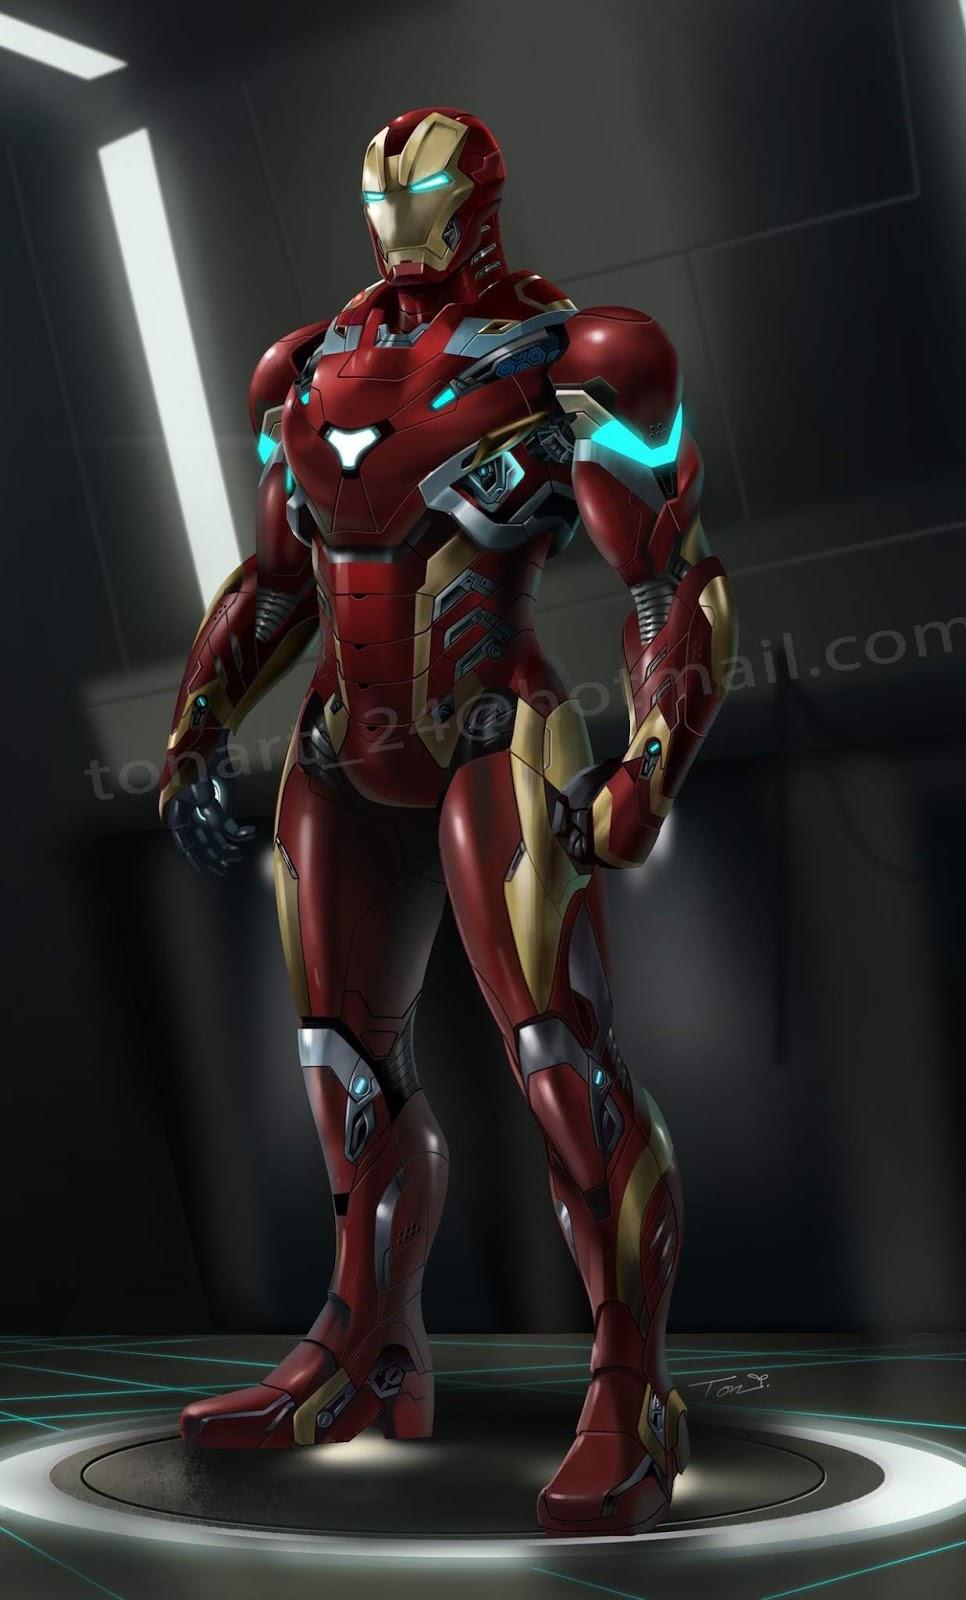 iron man photos hd